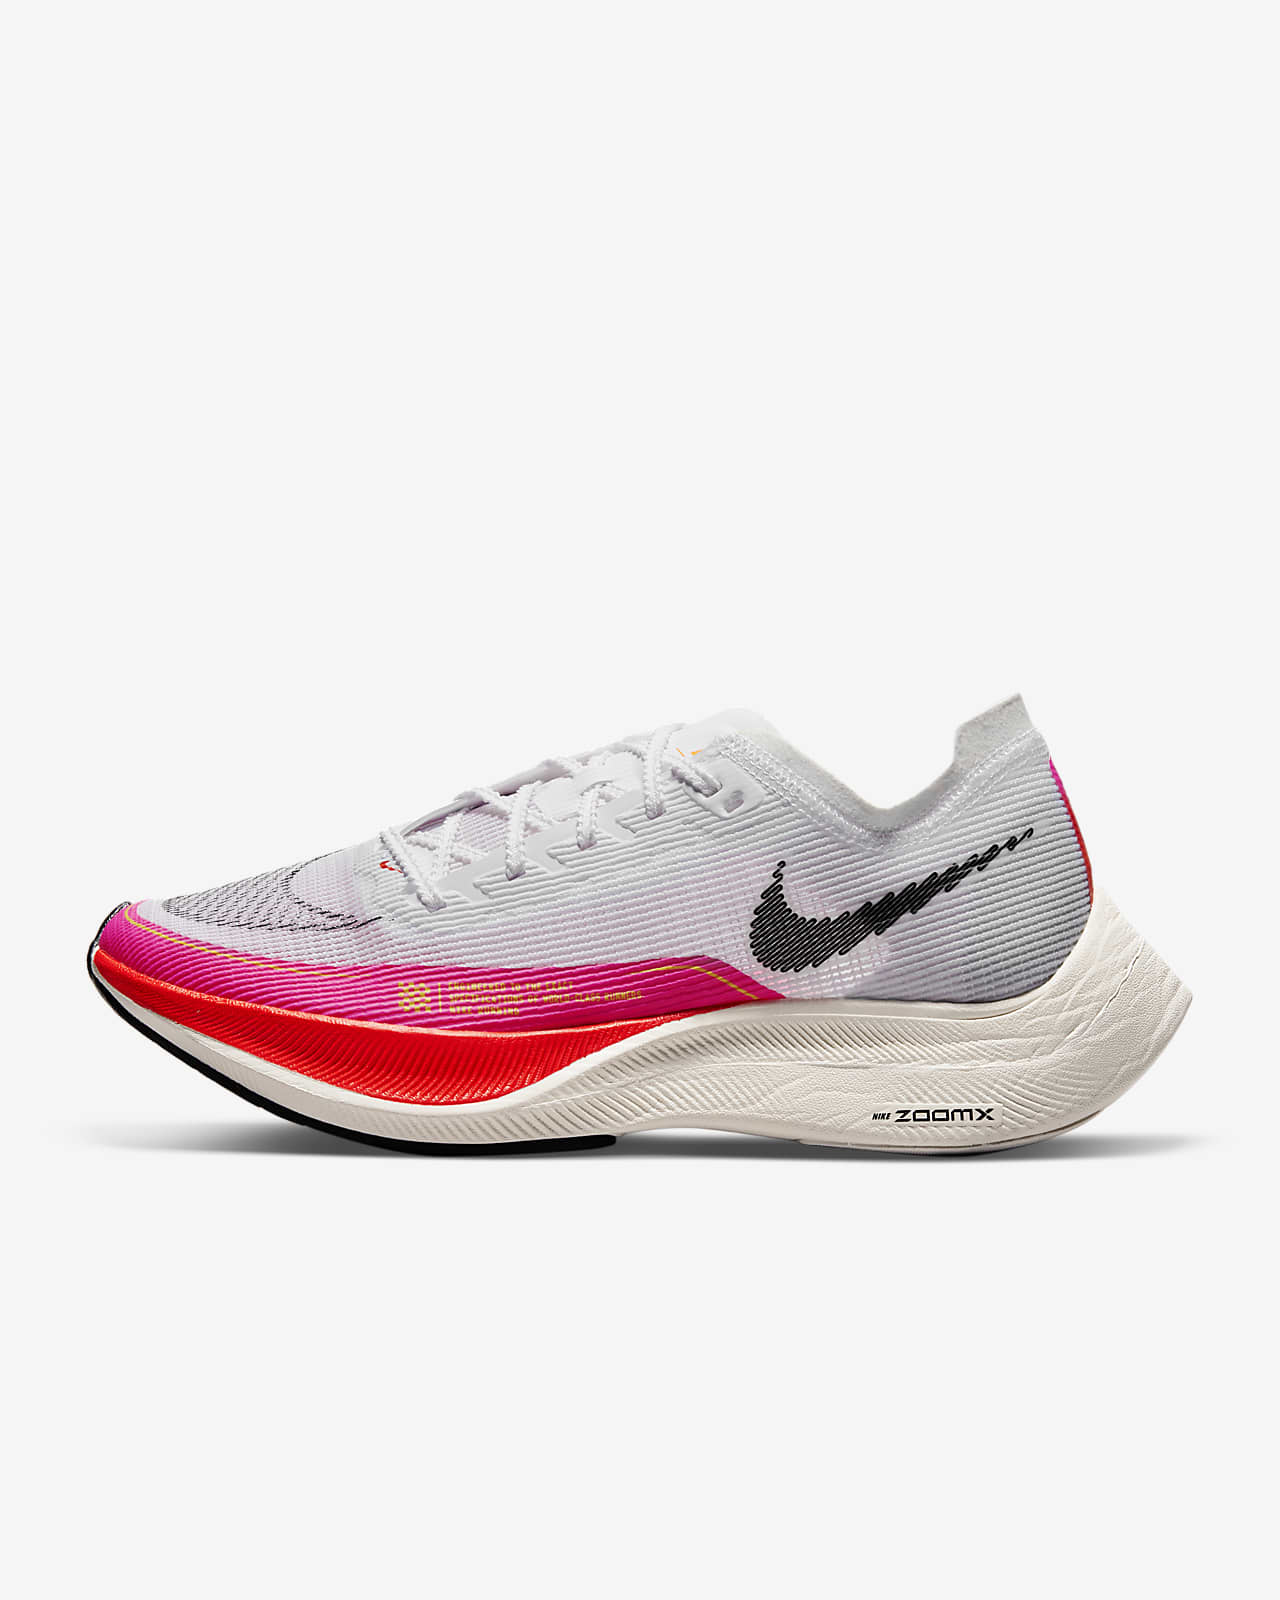 Tävlingssko för väg Nike ZoomX Vaporfly Next% 2 för kvinnor